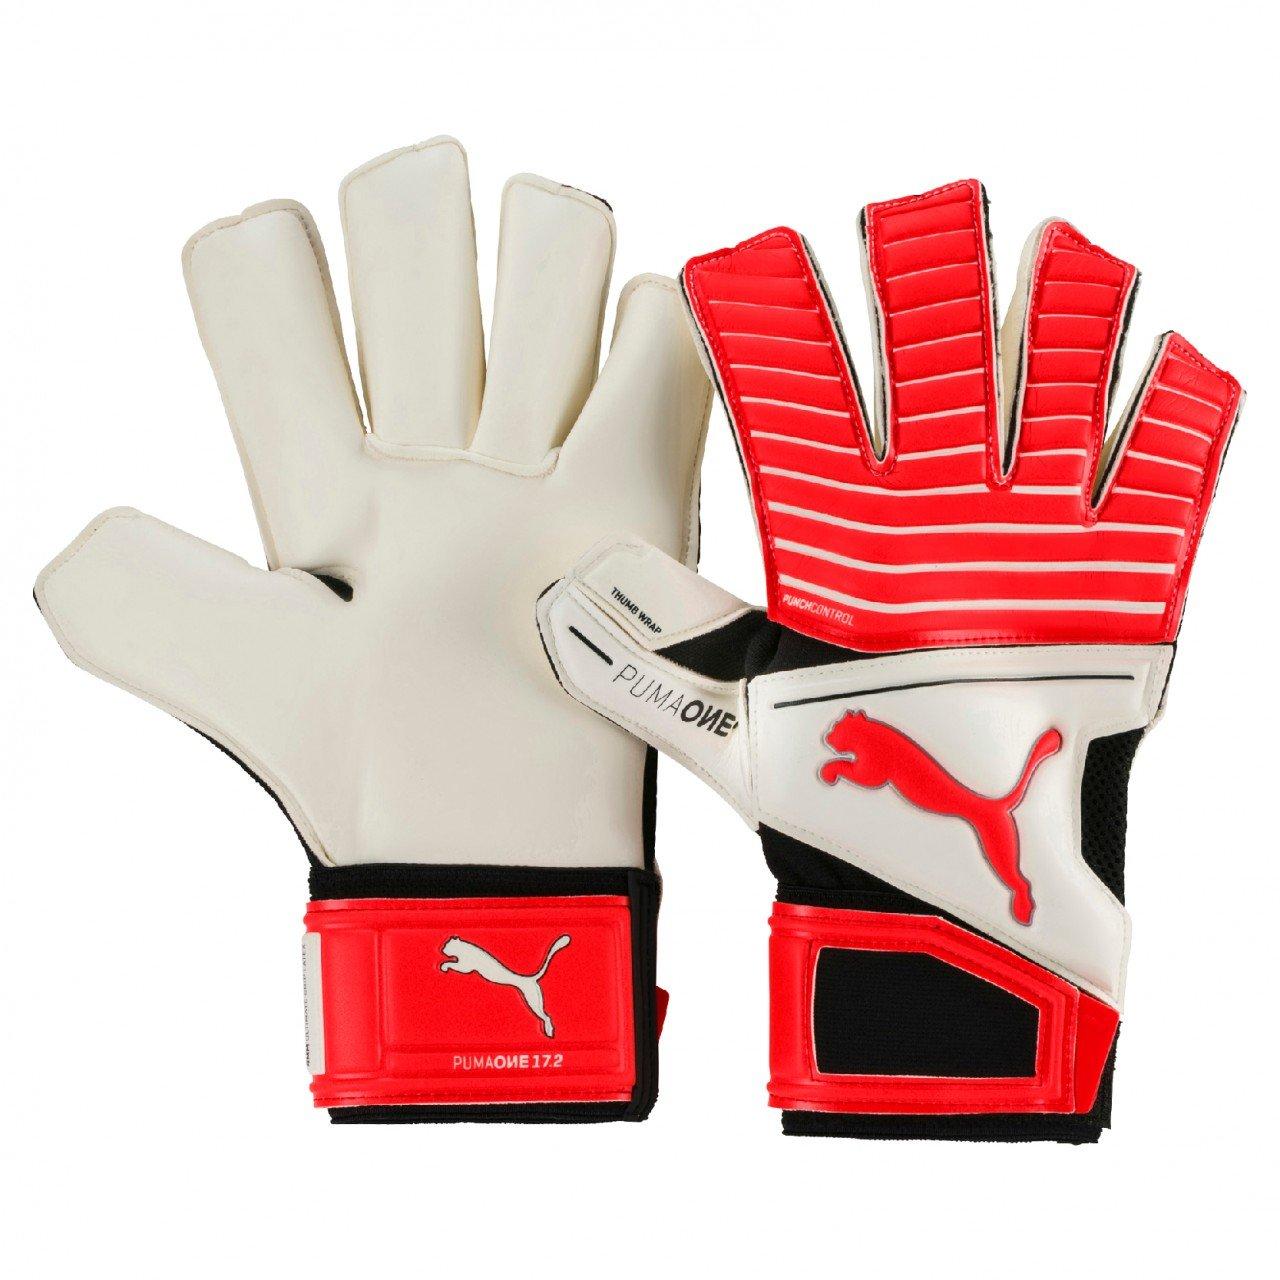 Puma 41329 01, Handschuhe Unisex Erwachsene